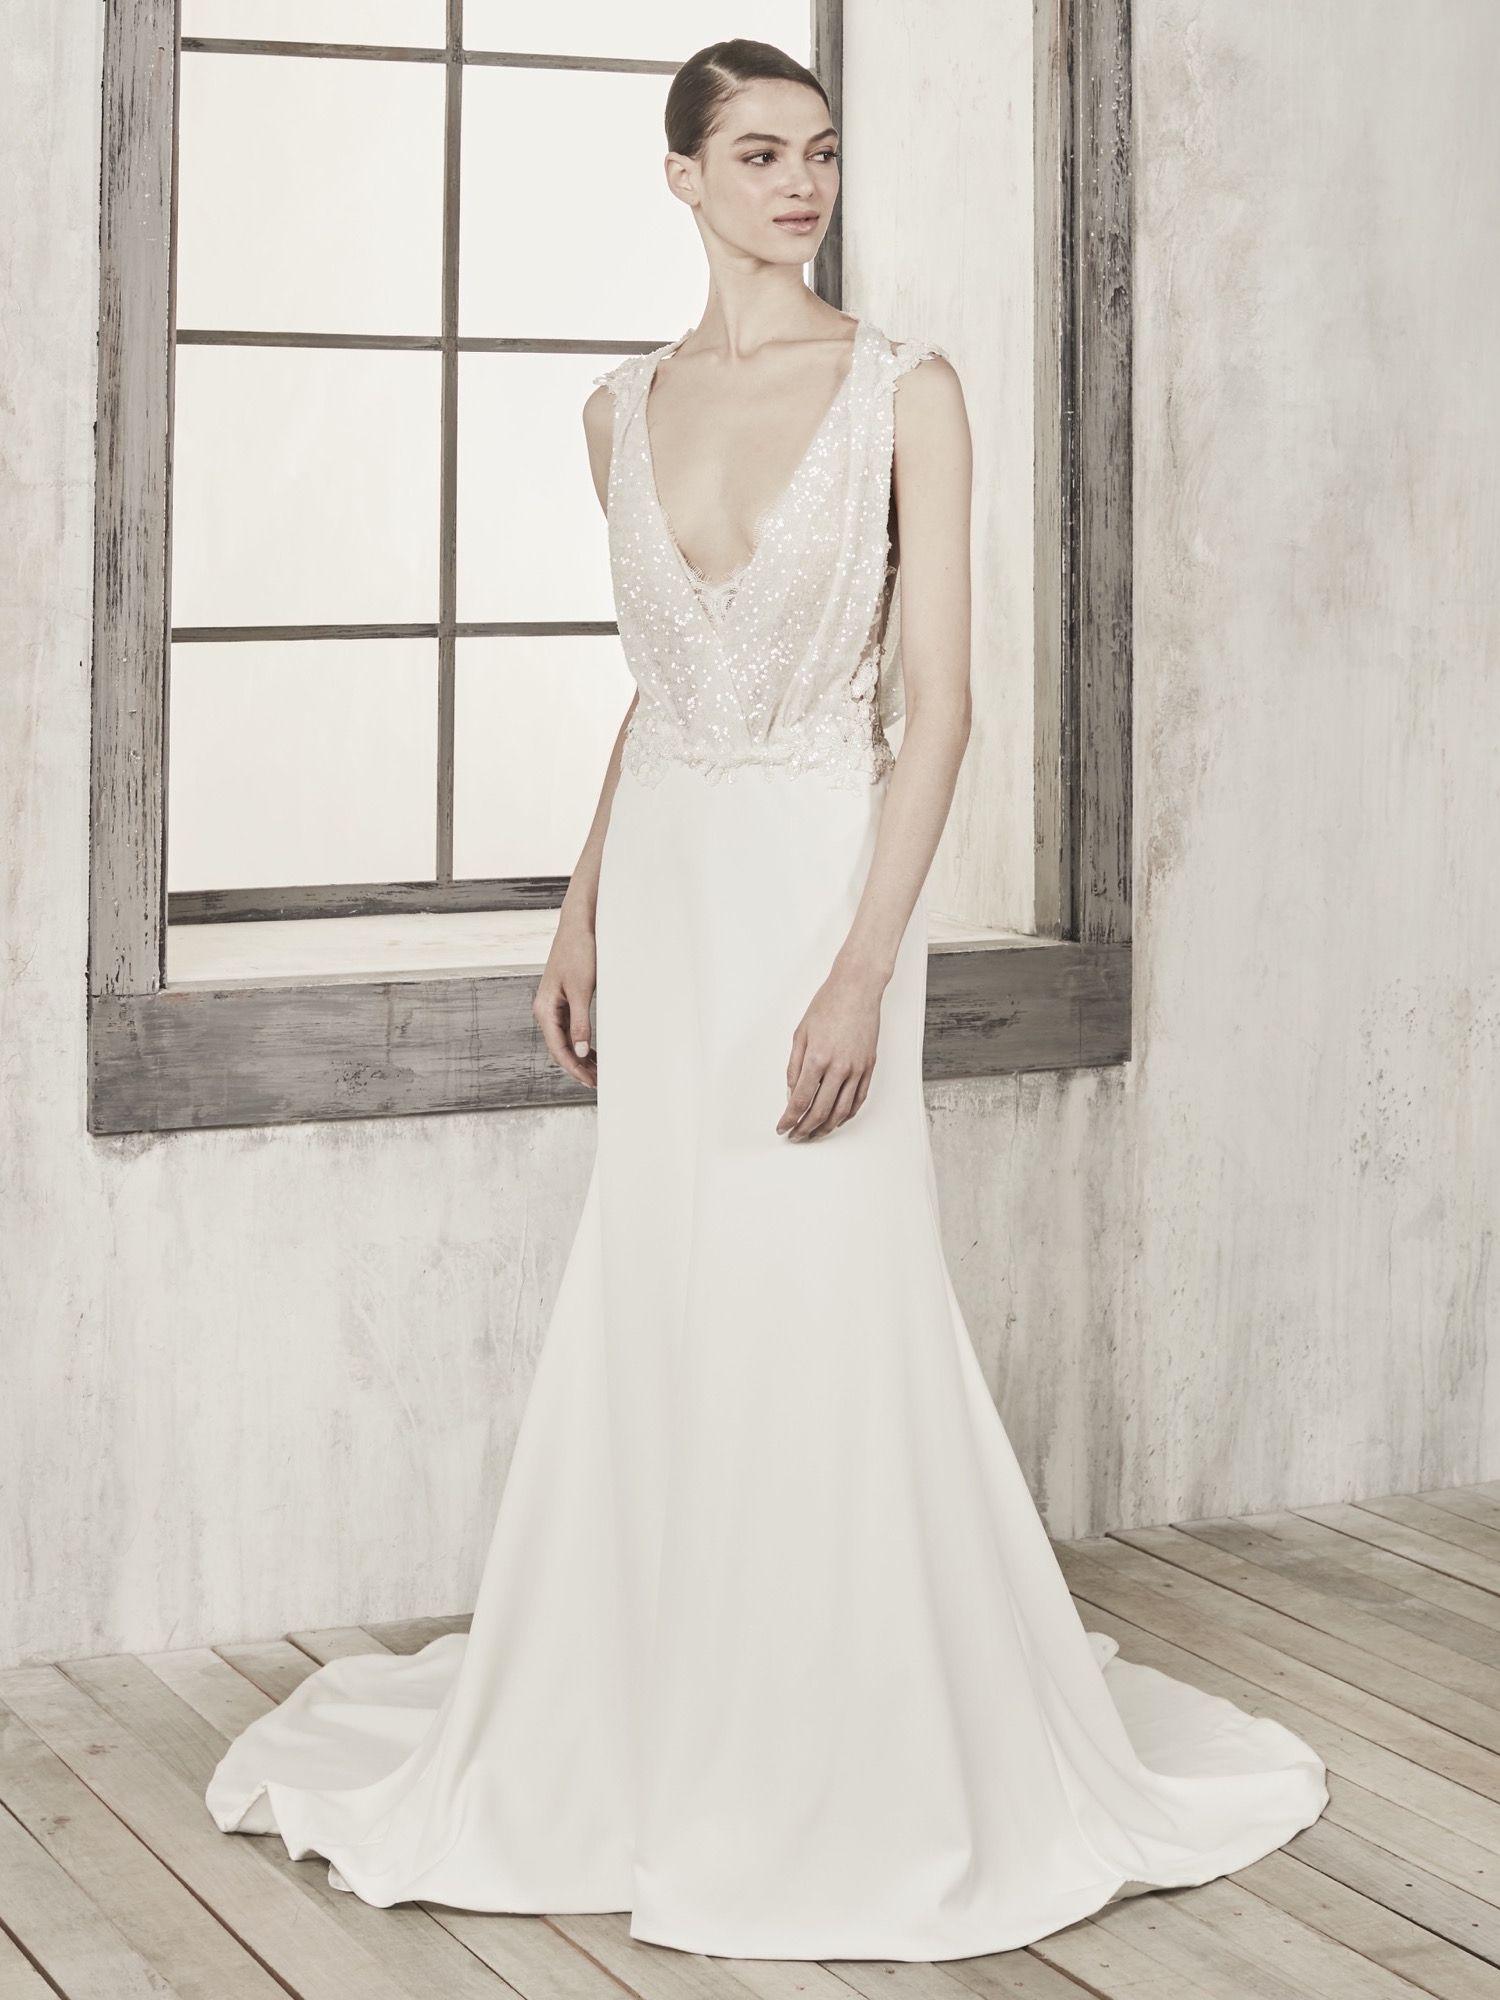 Annasul Y. 2019 Bridal Collection GENIE Gown Wedding